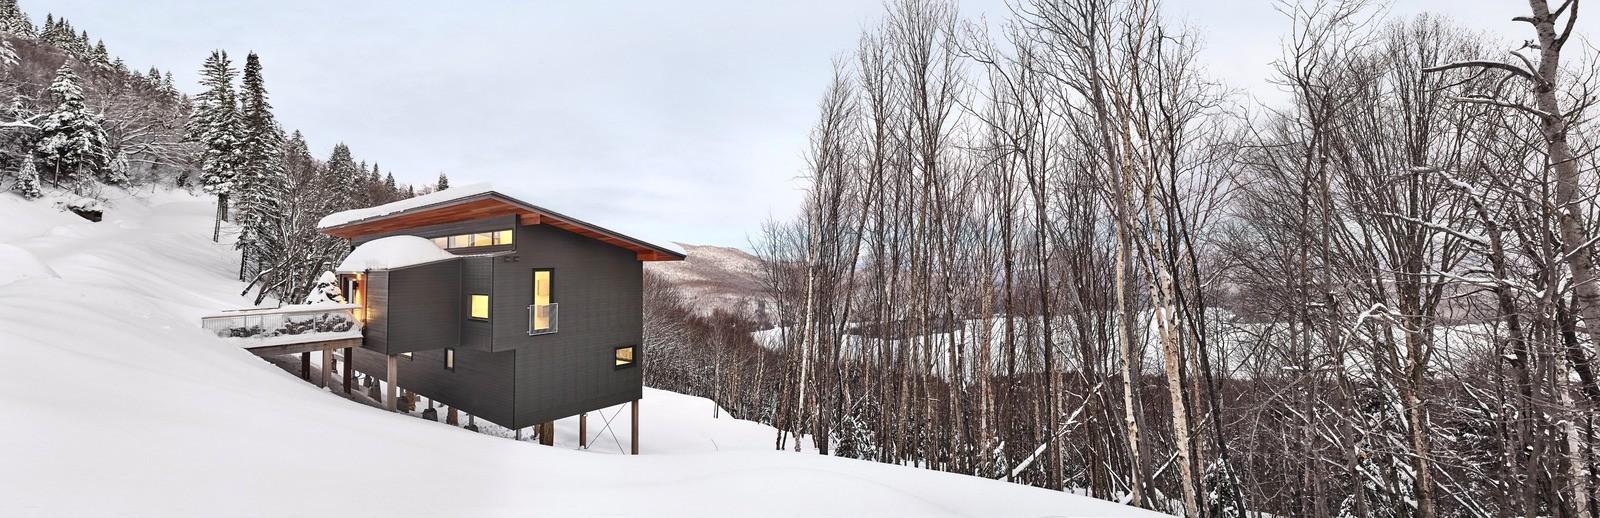 Горное шале в канадской провинции Квебек